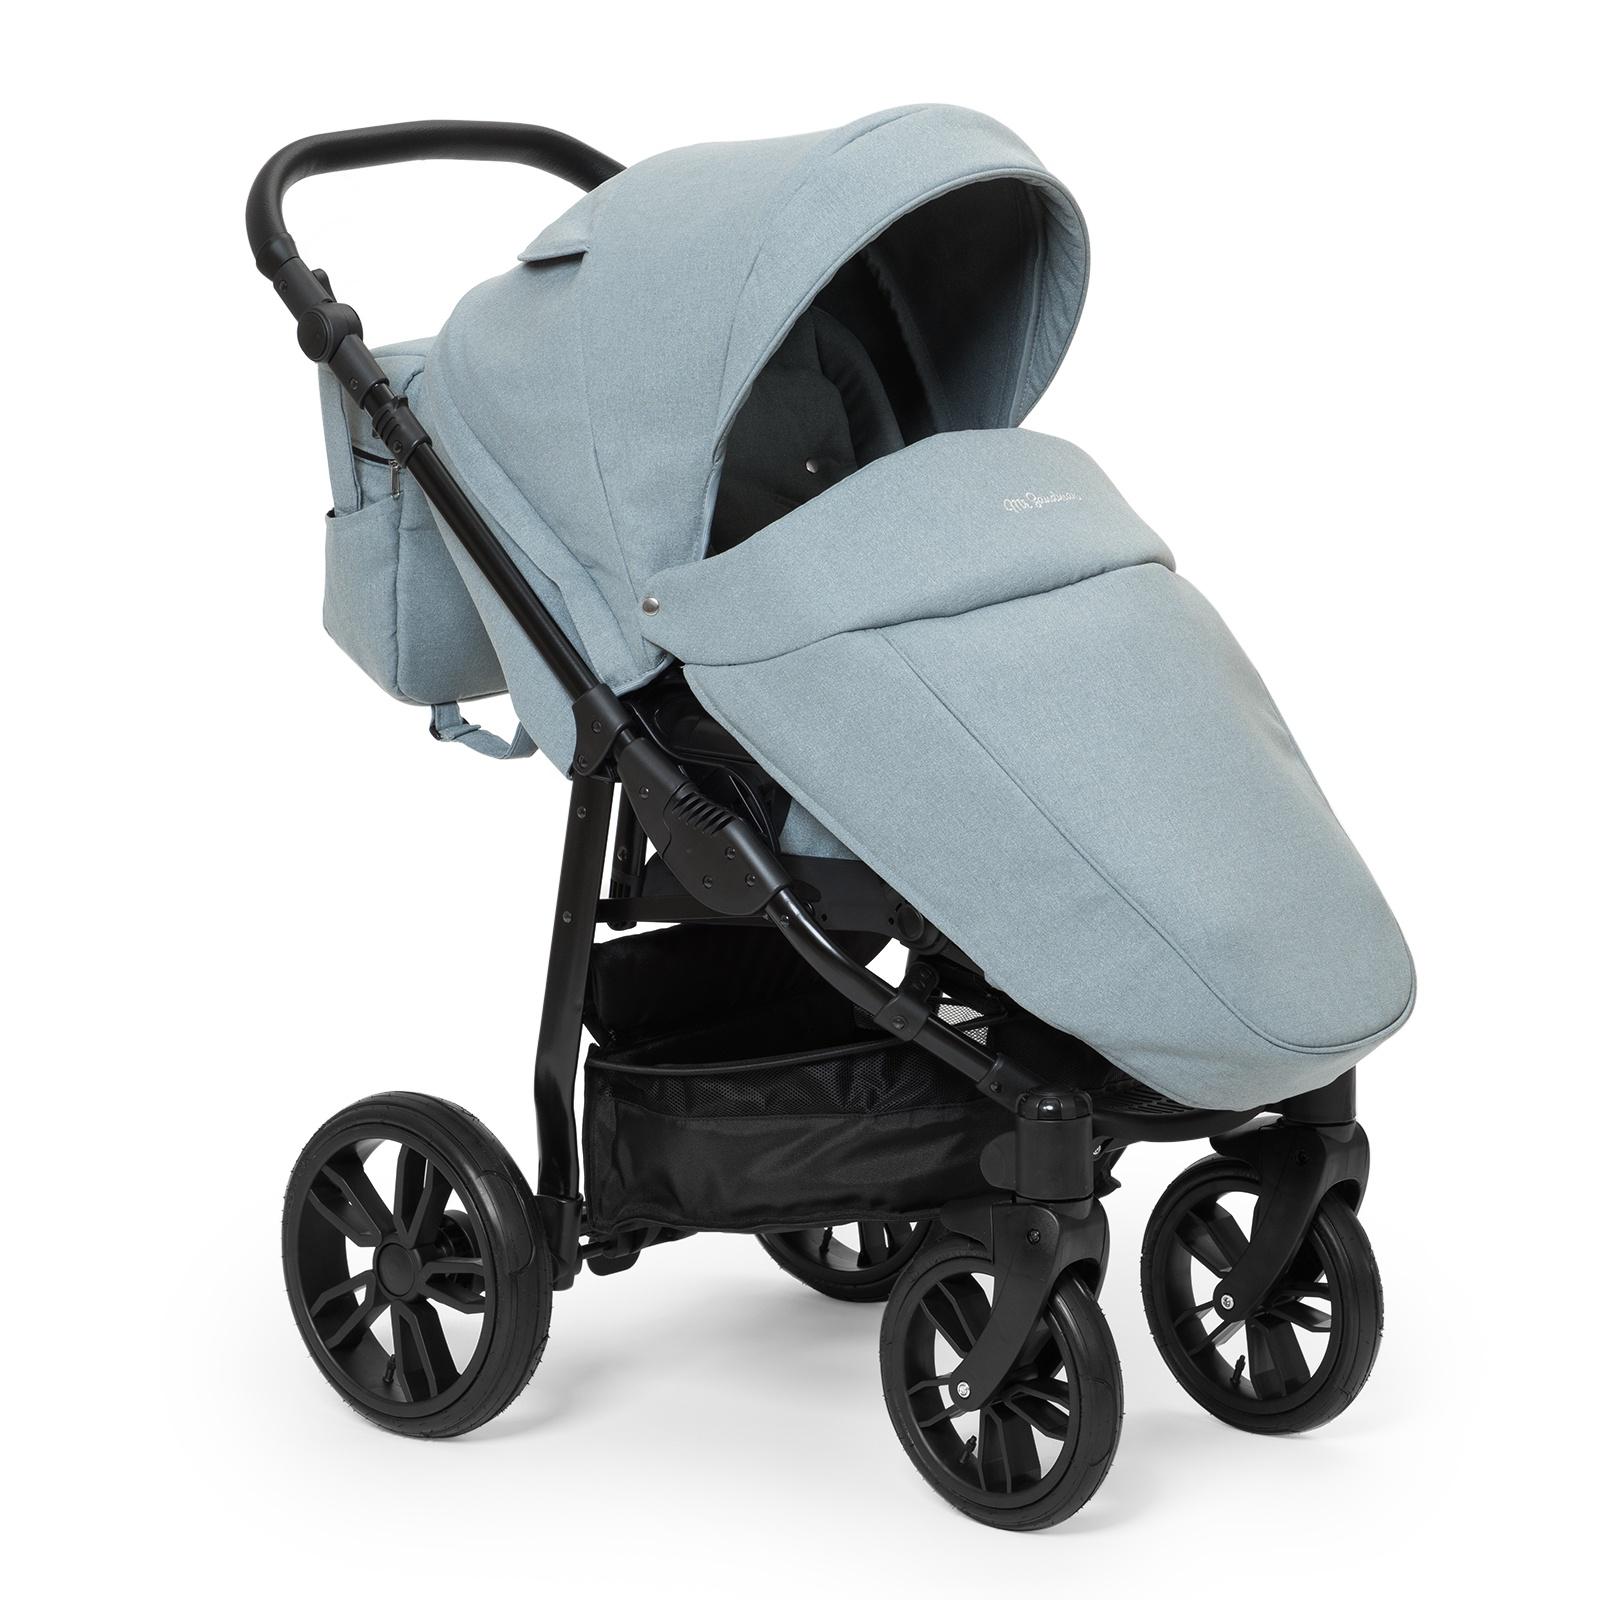 Коляска прогулочная Mr Sandman Vortex, цвет: серый коляска mr sandman vortex прогулочная фиолетовый